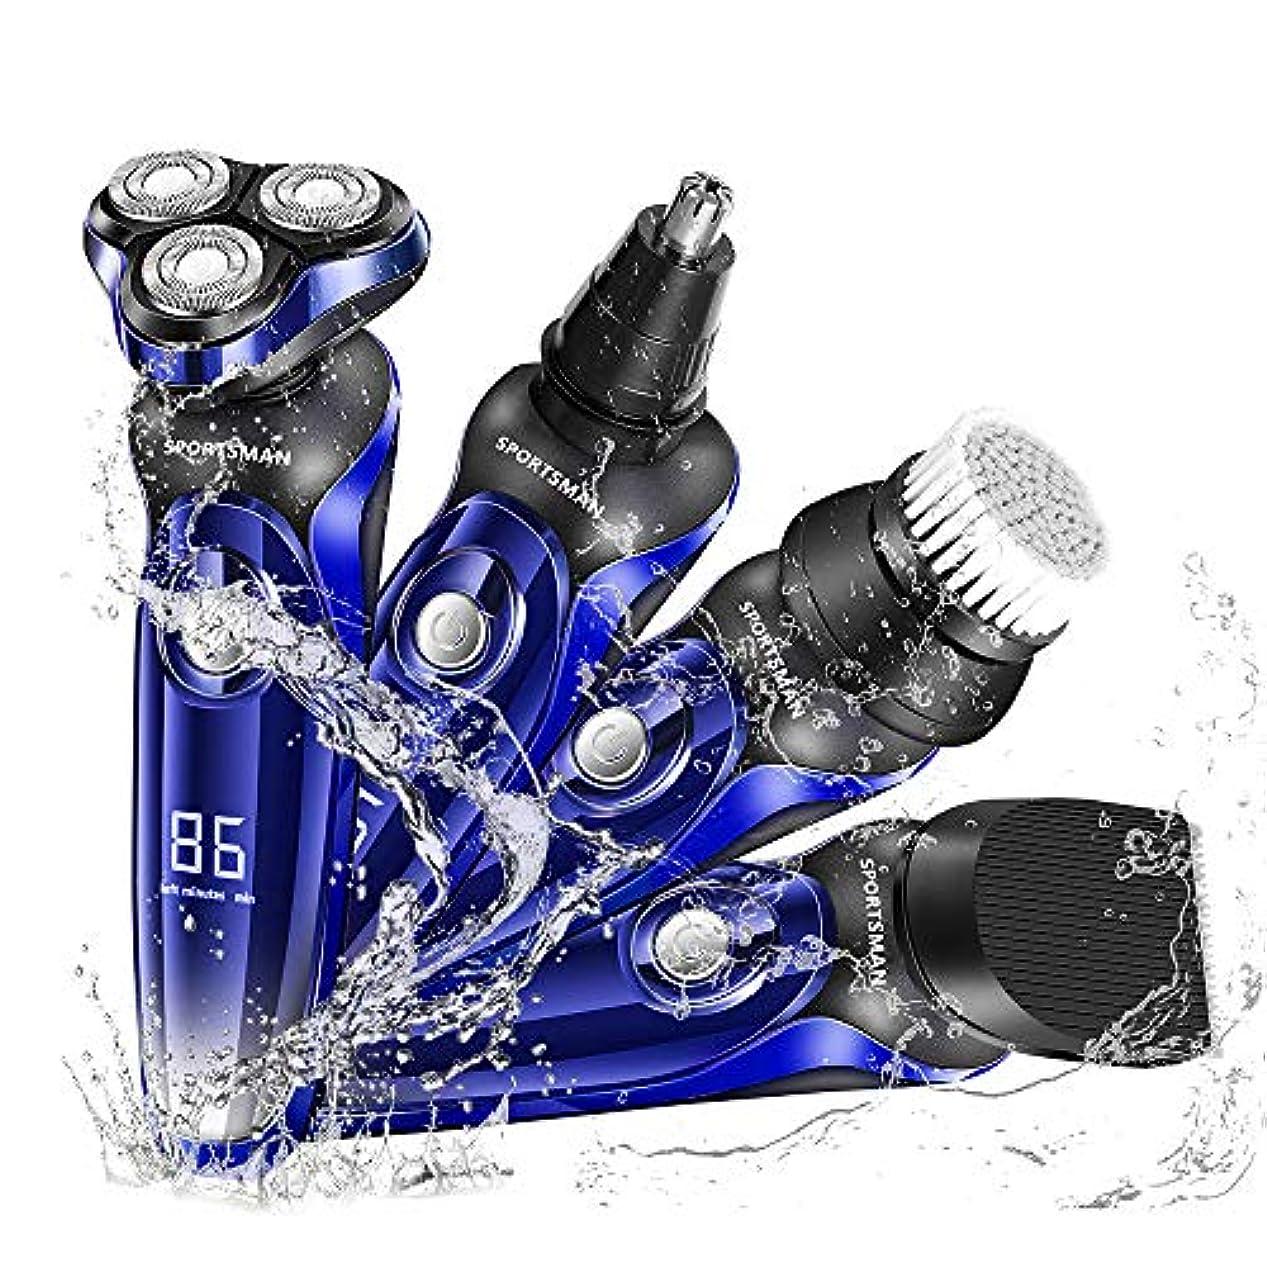 食堂ビーム密シェーバー 電気シェーバー 電動シェーバー メンズ 髭剃り 電動バリカン 一台四役 鼻毛カッター 洗顔ブラシ付き 回転式ロータ リシェーバー USB充電式 LEDディスプレイ IPX7防水 丸洗い可